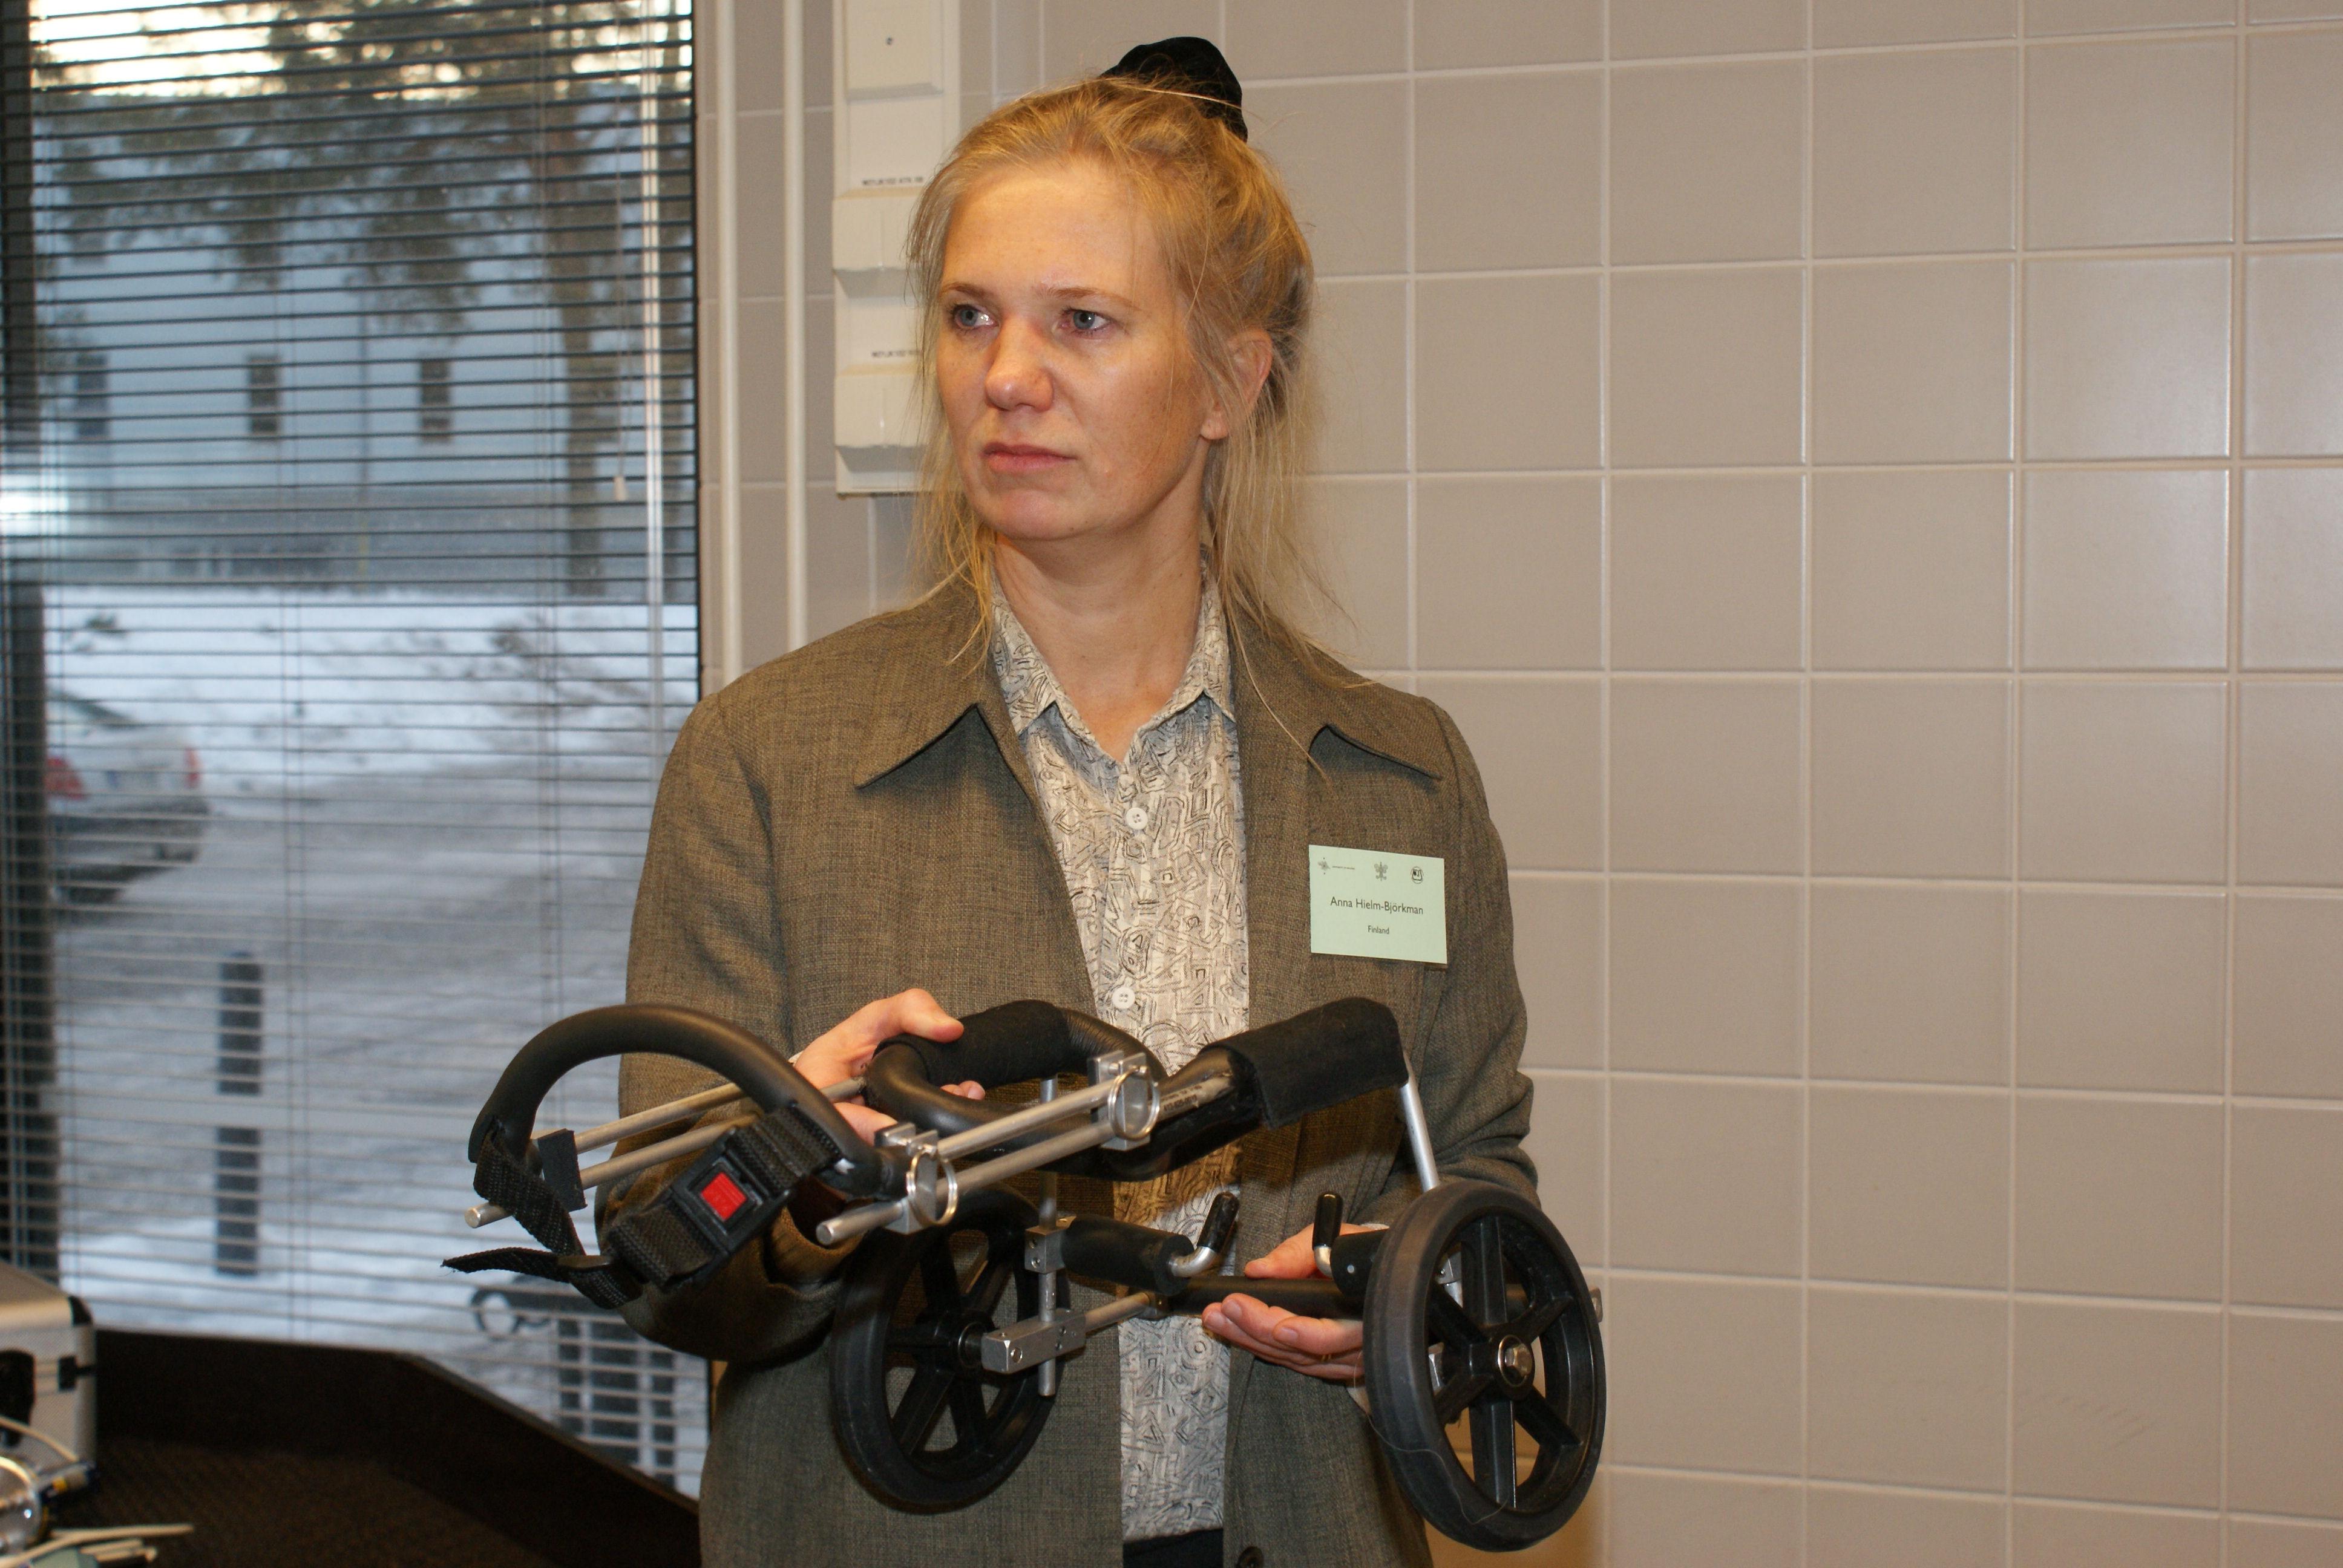 Anna Hielm-Björkman